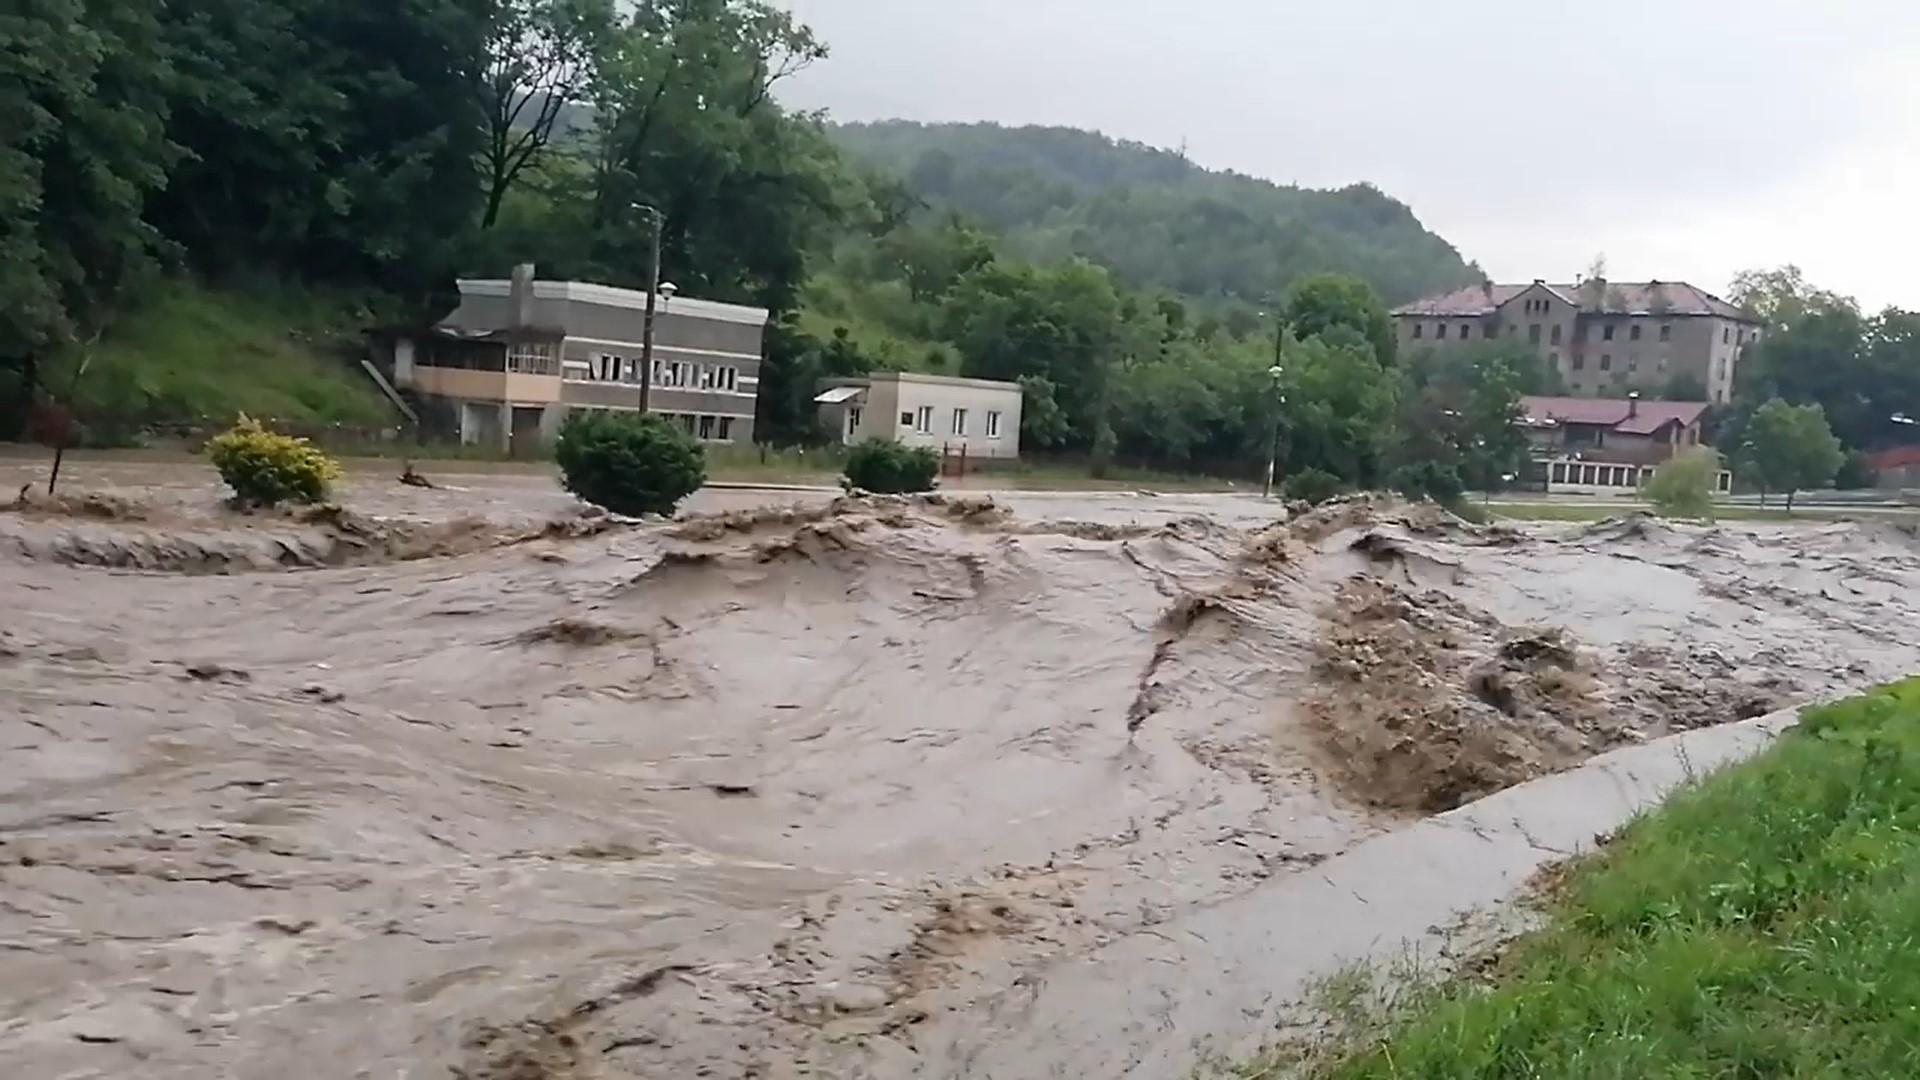 VIDEO: Alertă în Valea Jiului, din cauza inundațiilor. Hidrologii au emis Cod Roșu pe Râul Jiu